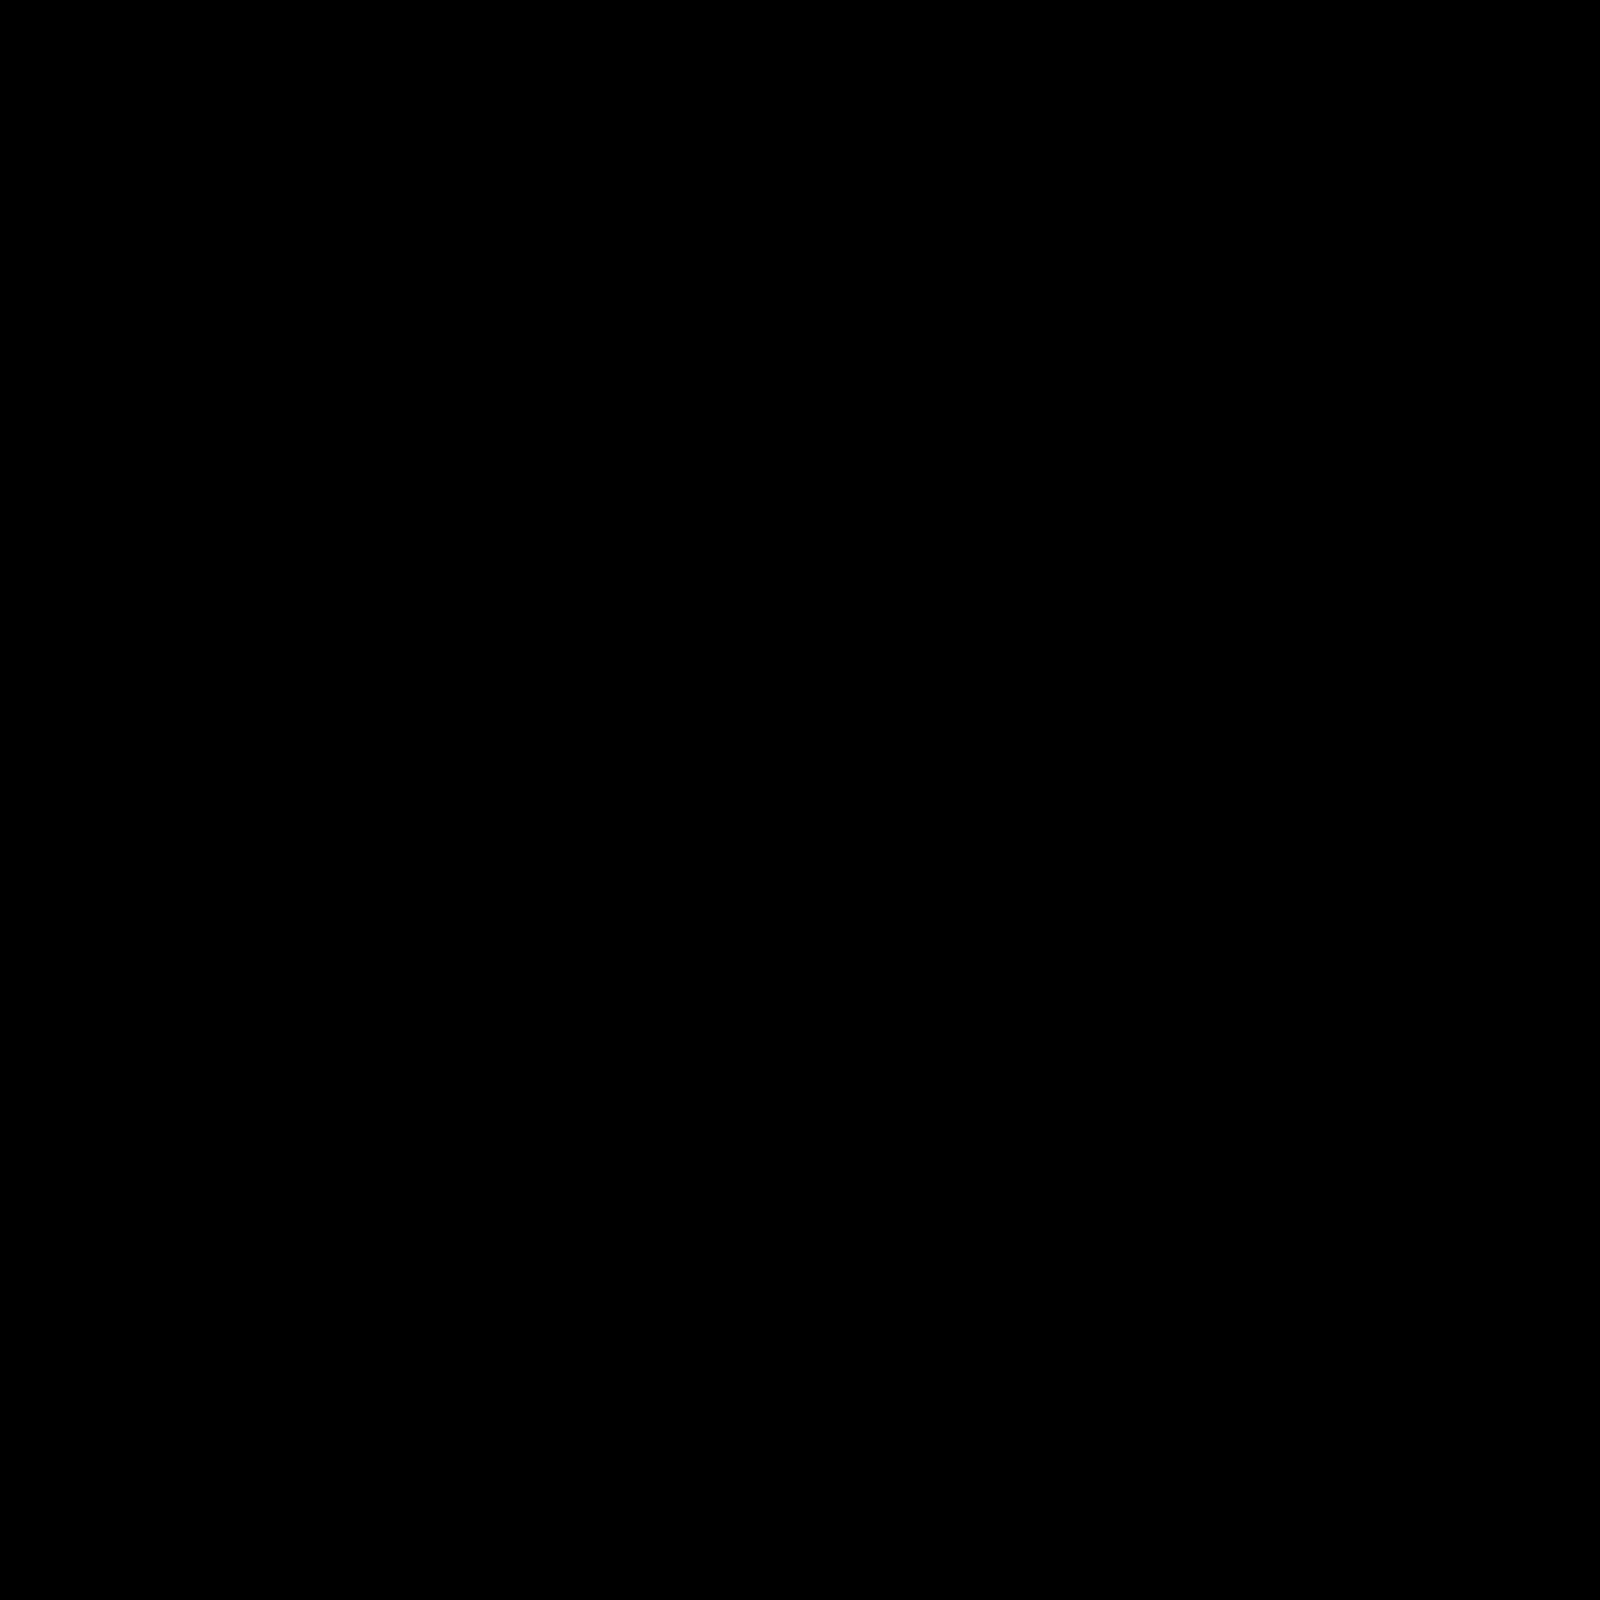 鉛筆の先端 icon. The icon is a simplified depiction of the tip of a common pencil, sharpened to a fine point. The icon starts with a shaft protruding from the upper right, eventually terminating in a sharpened point. The wood of the pencil is visible along with the graphite.